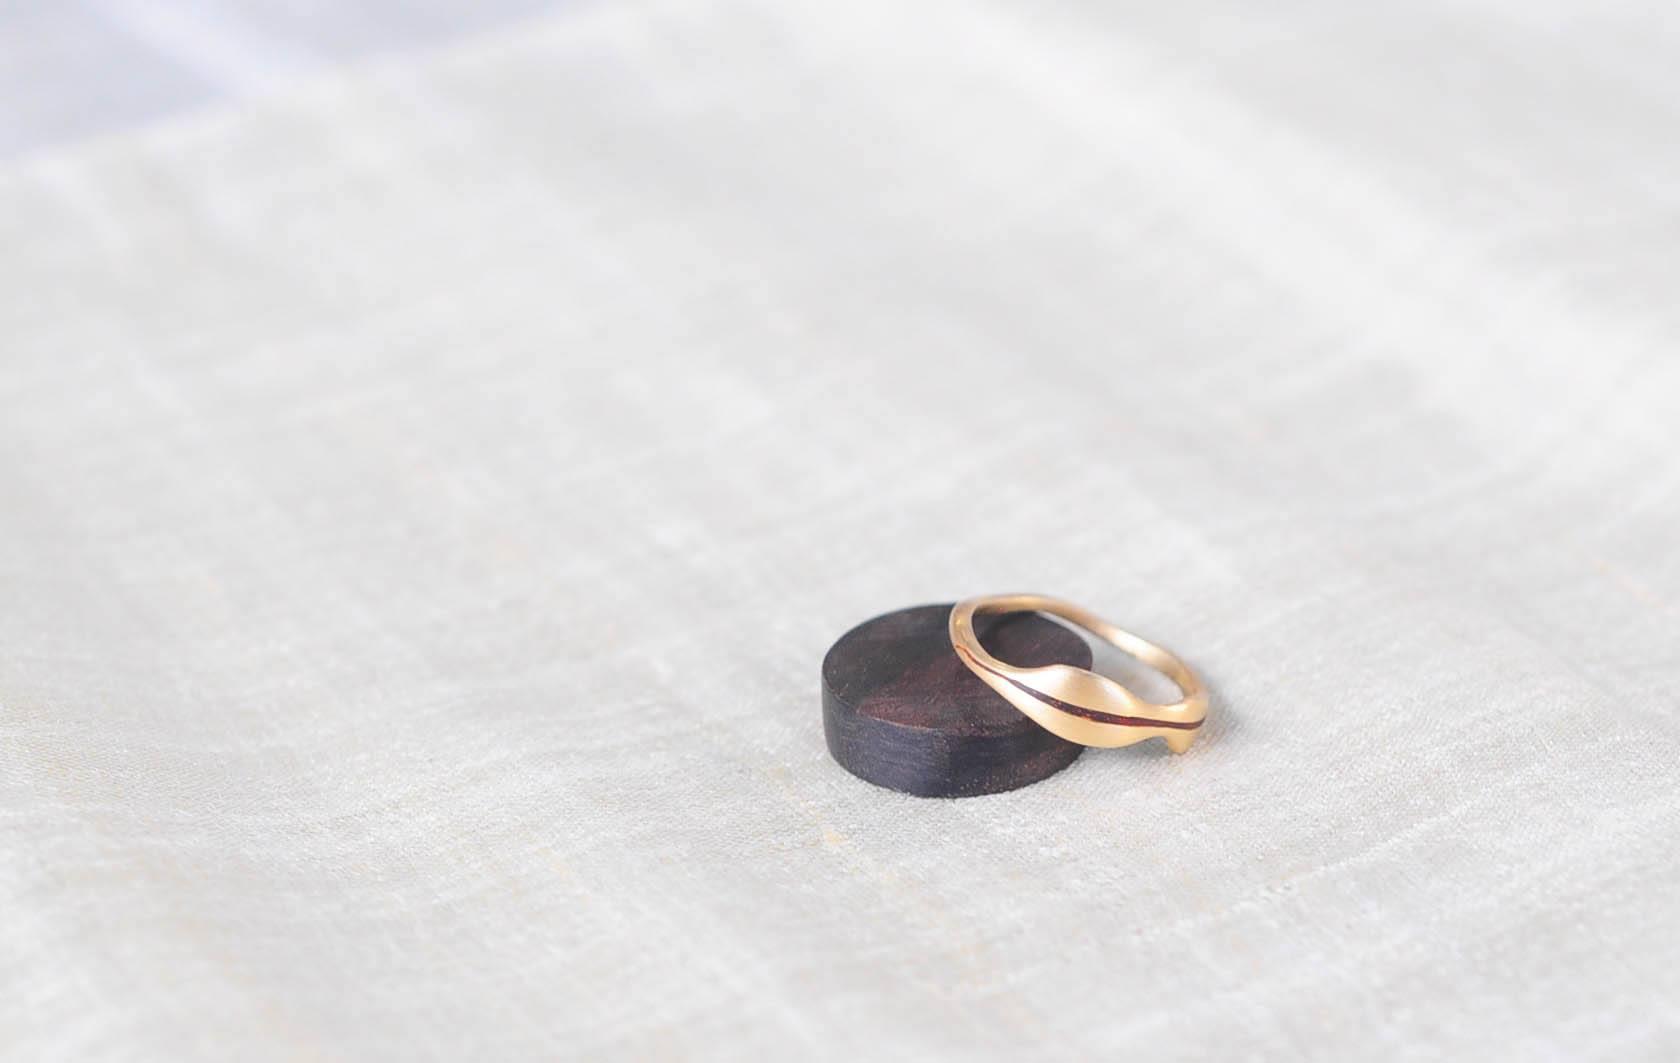 14 karat gold, red sandalwood   wedding ring   The leaf of love   2016